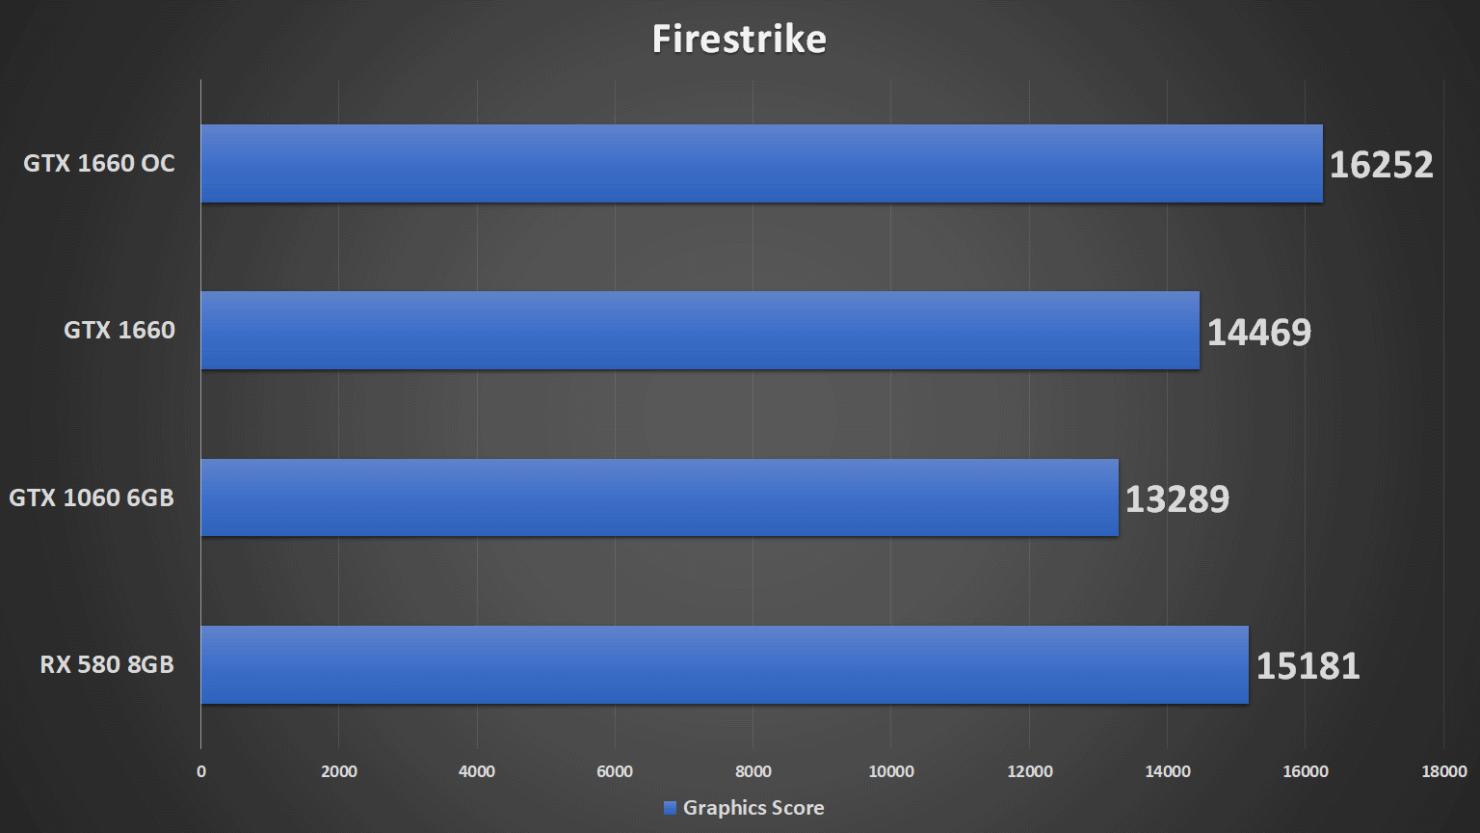 firestrike-22